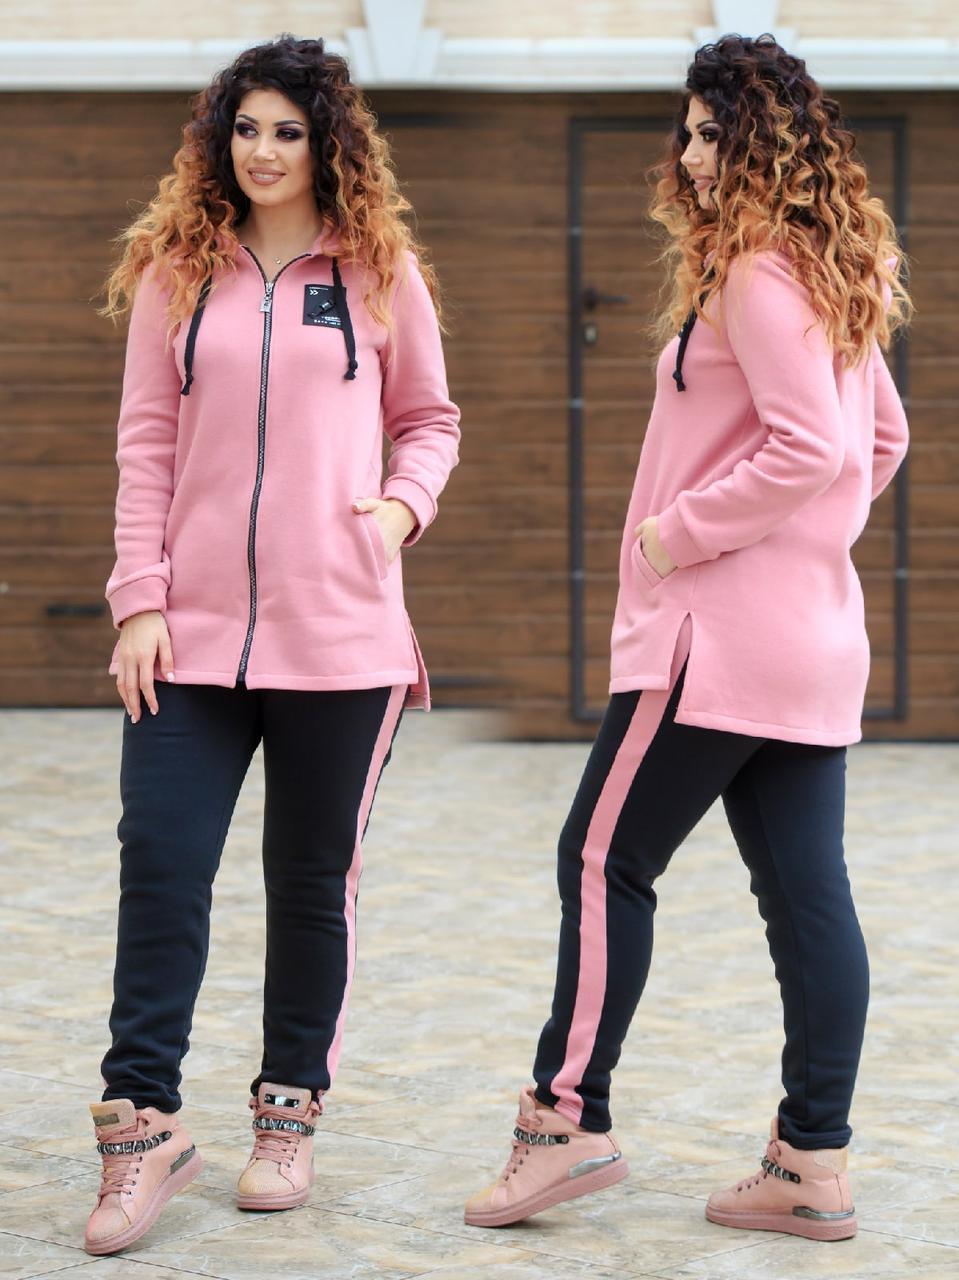 Жіночий зимовий теплий спортивний костюм: довга кофта з капюшоном та штани, батал великі розміри